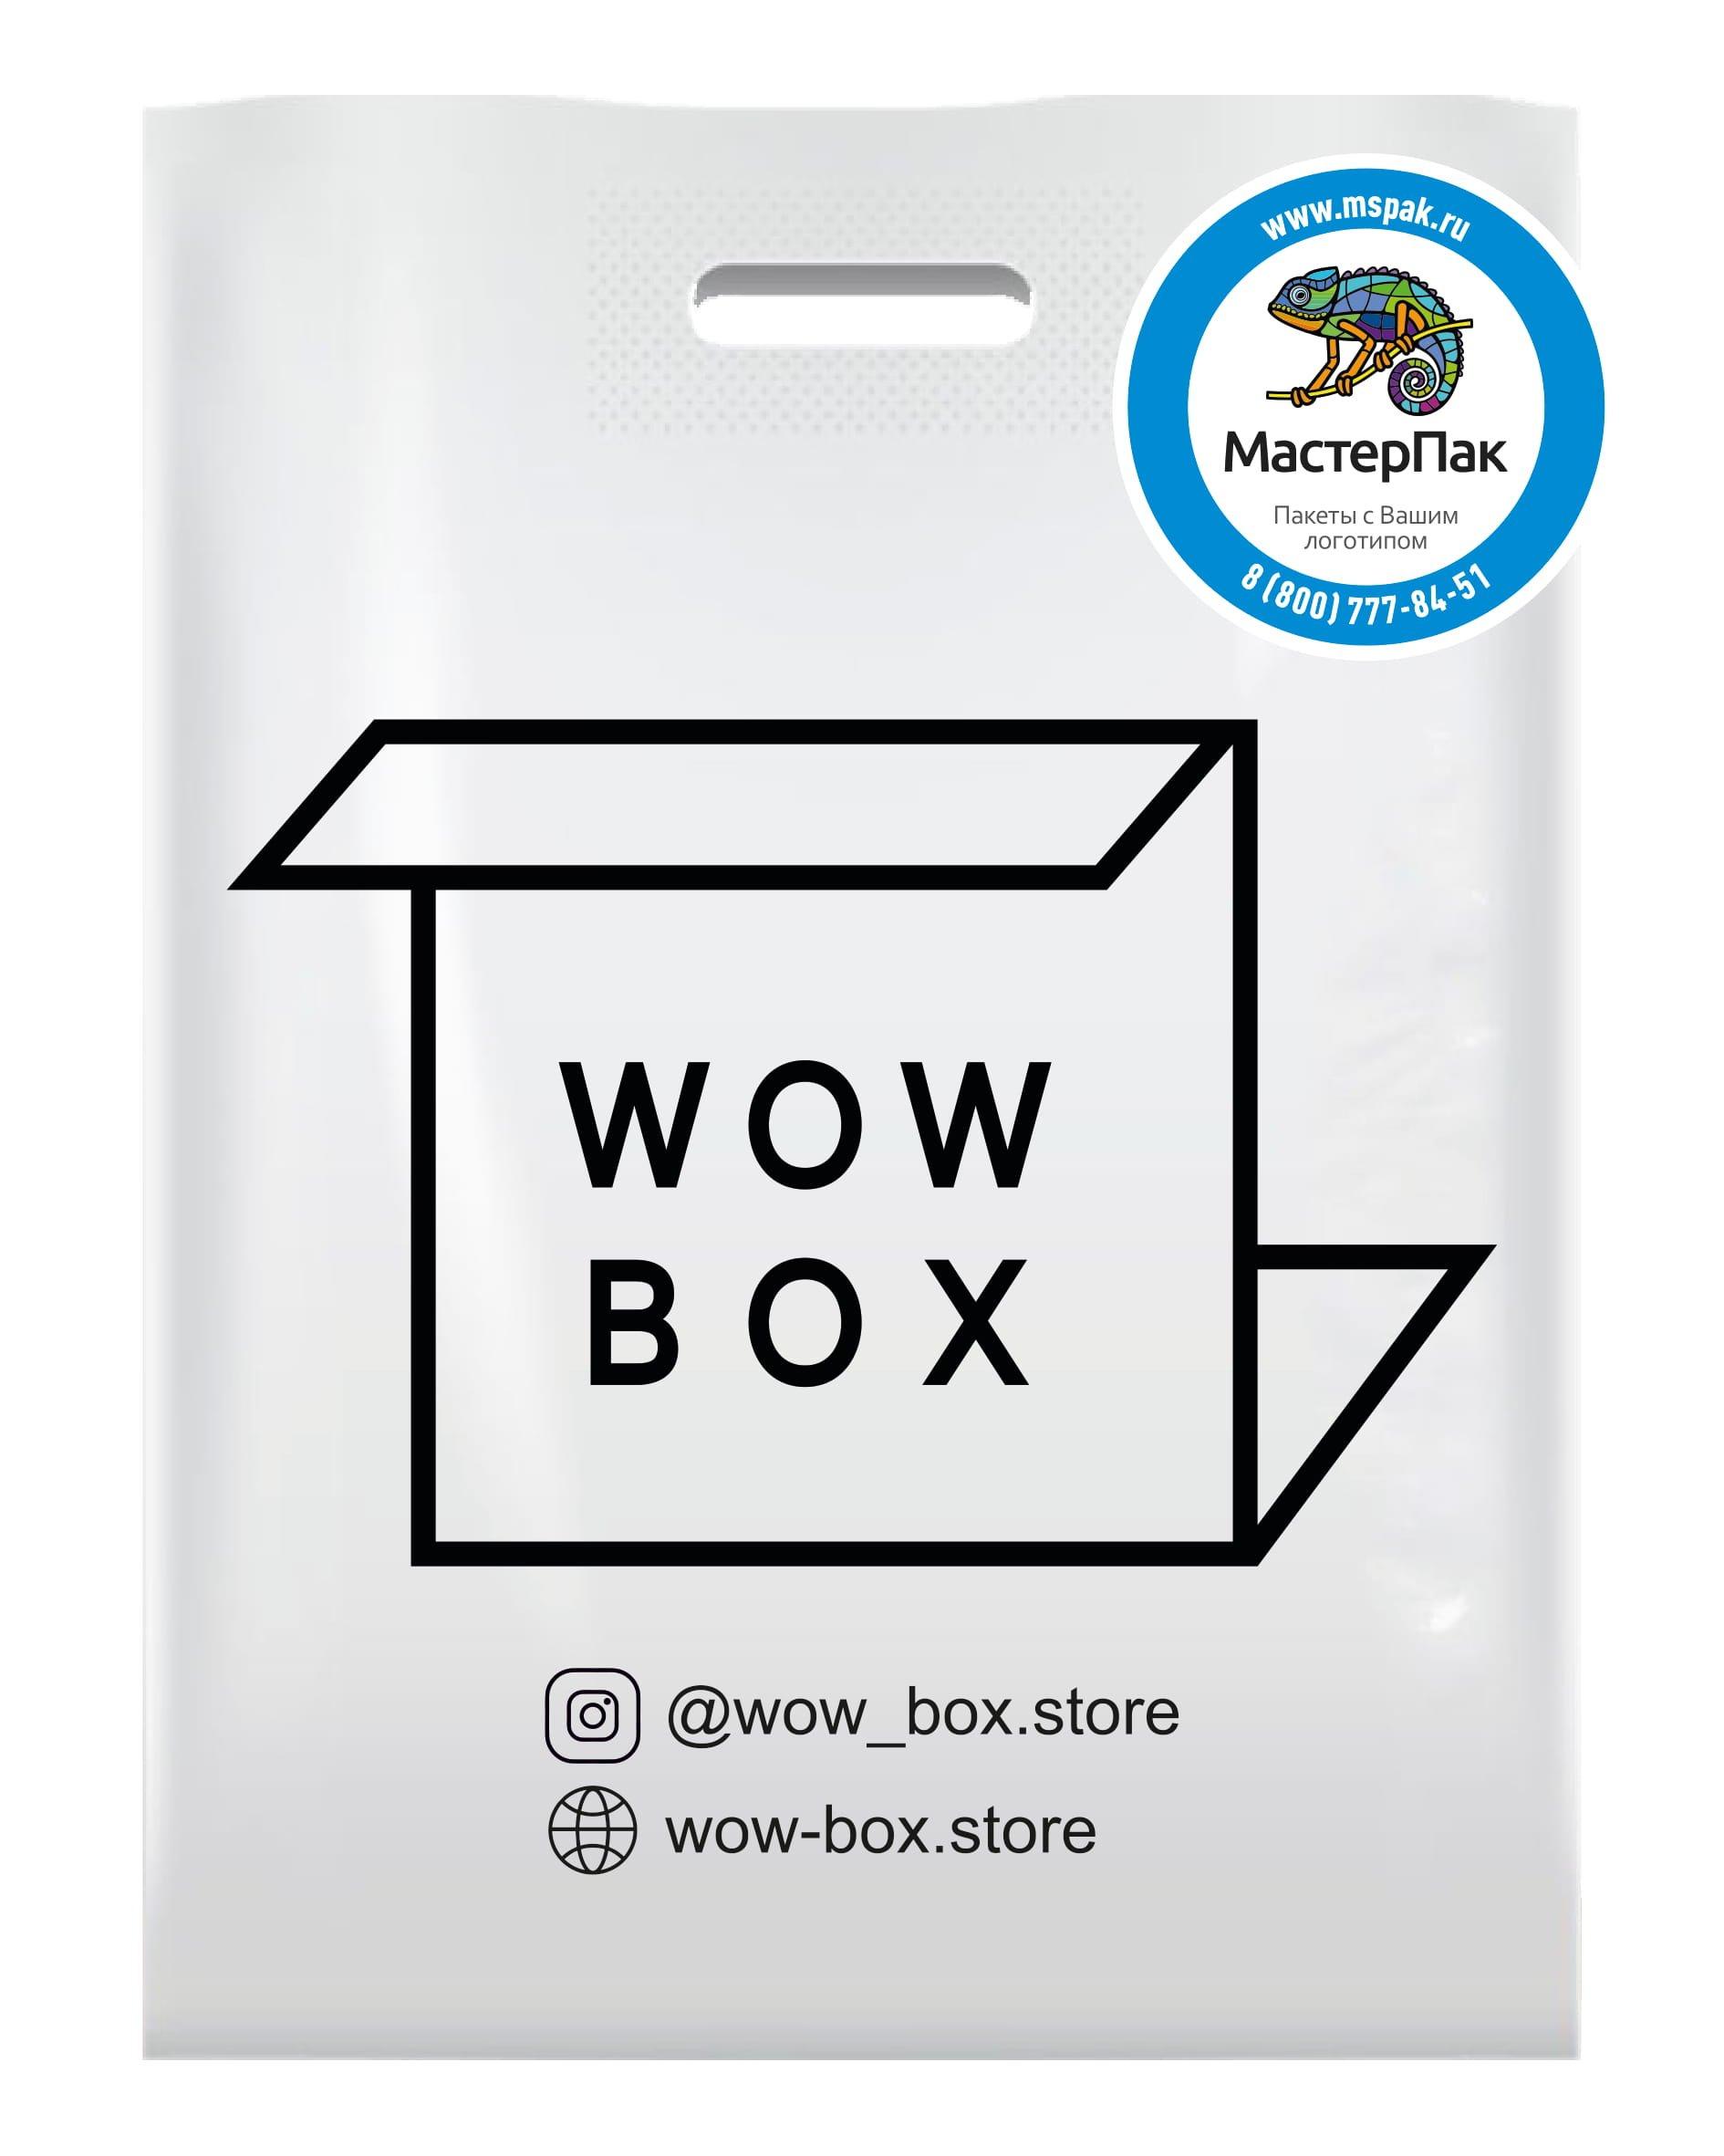 Пакет ПВД с логотипом WOW BOX, Москва, 70 мкм, 30*40